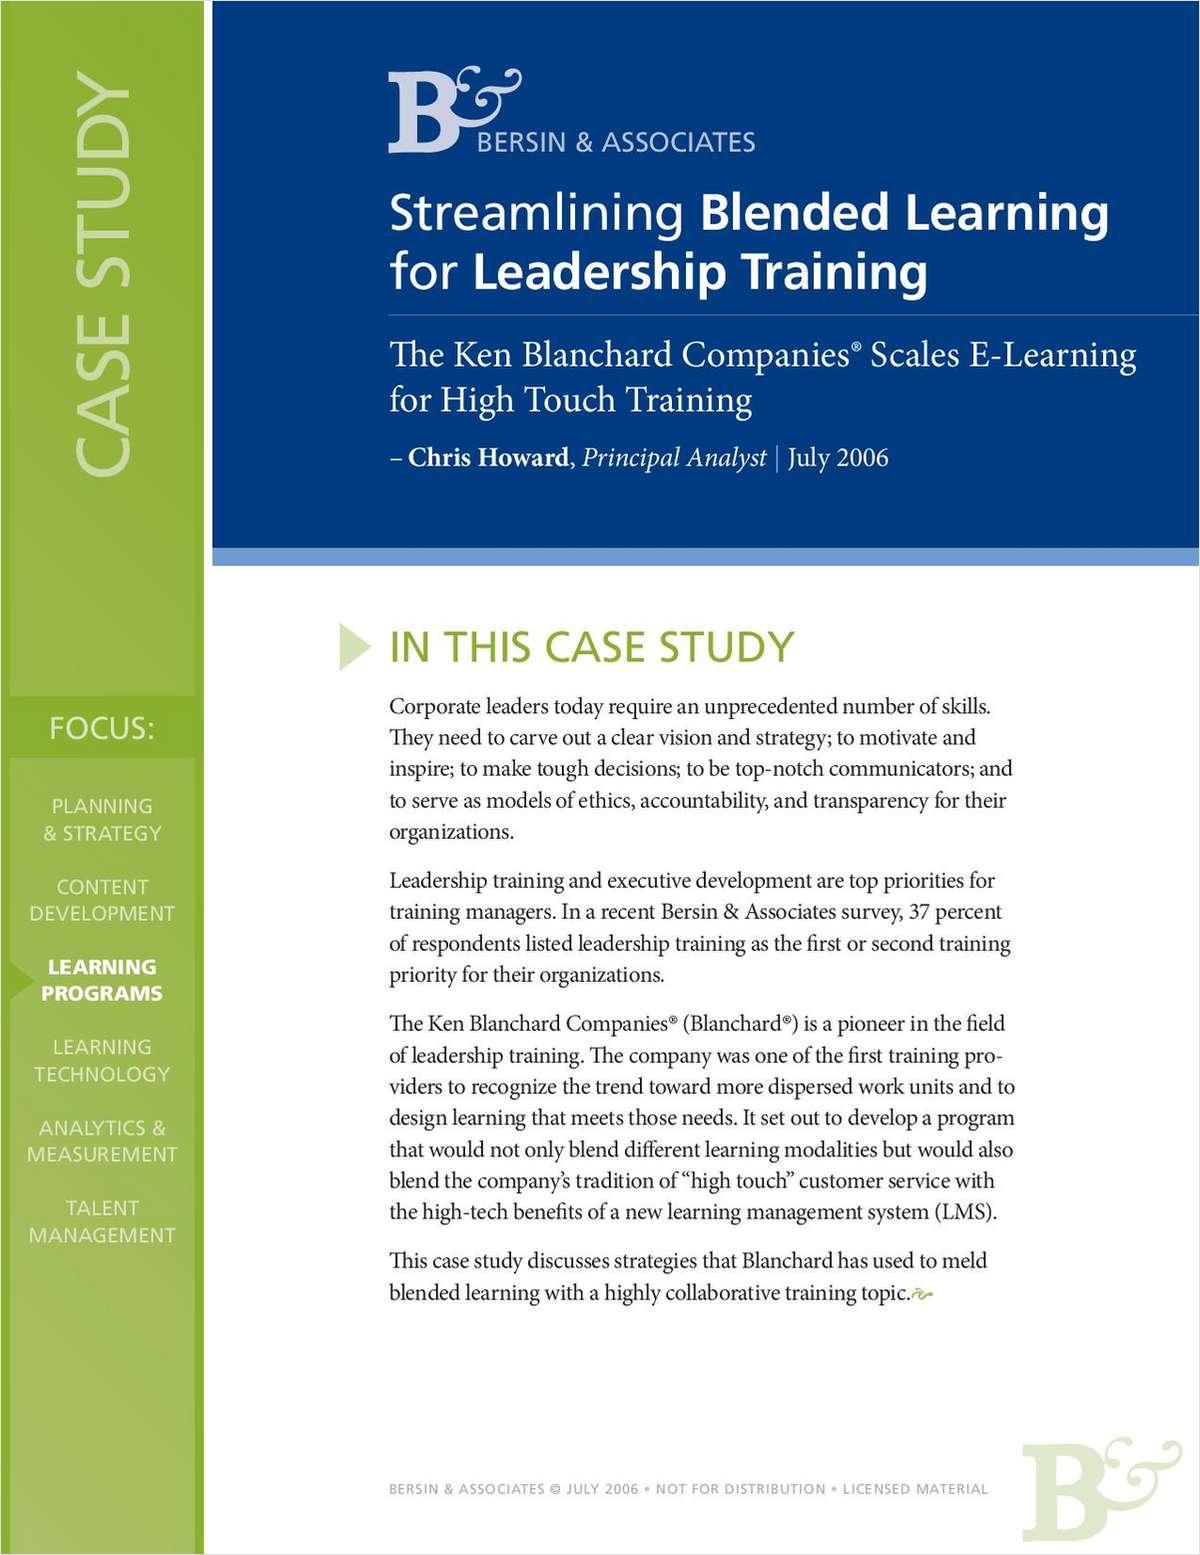 Streamlining Blended Learning for Leadership Training